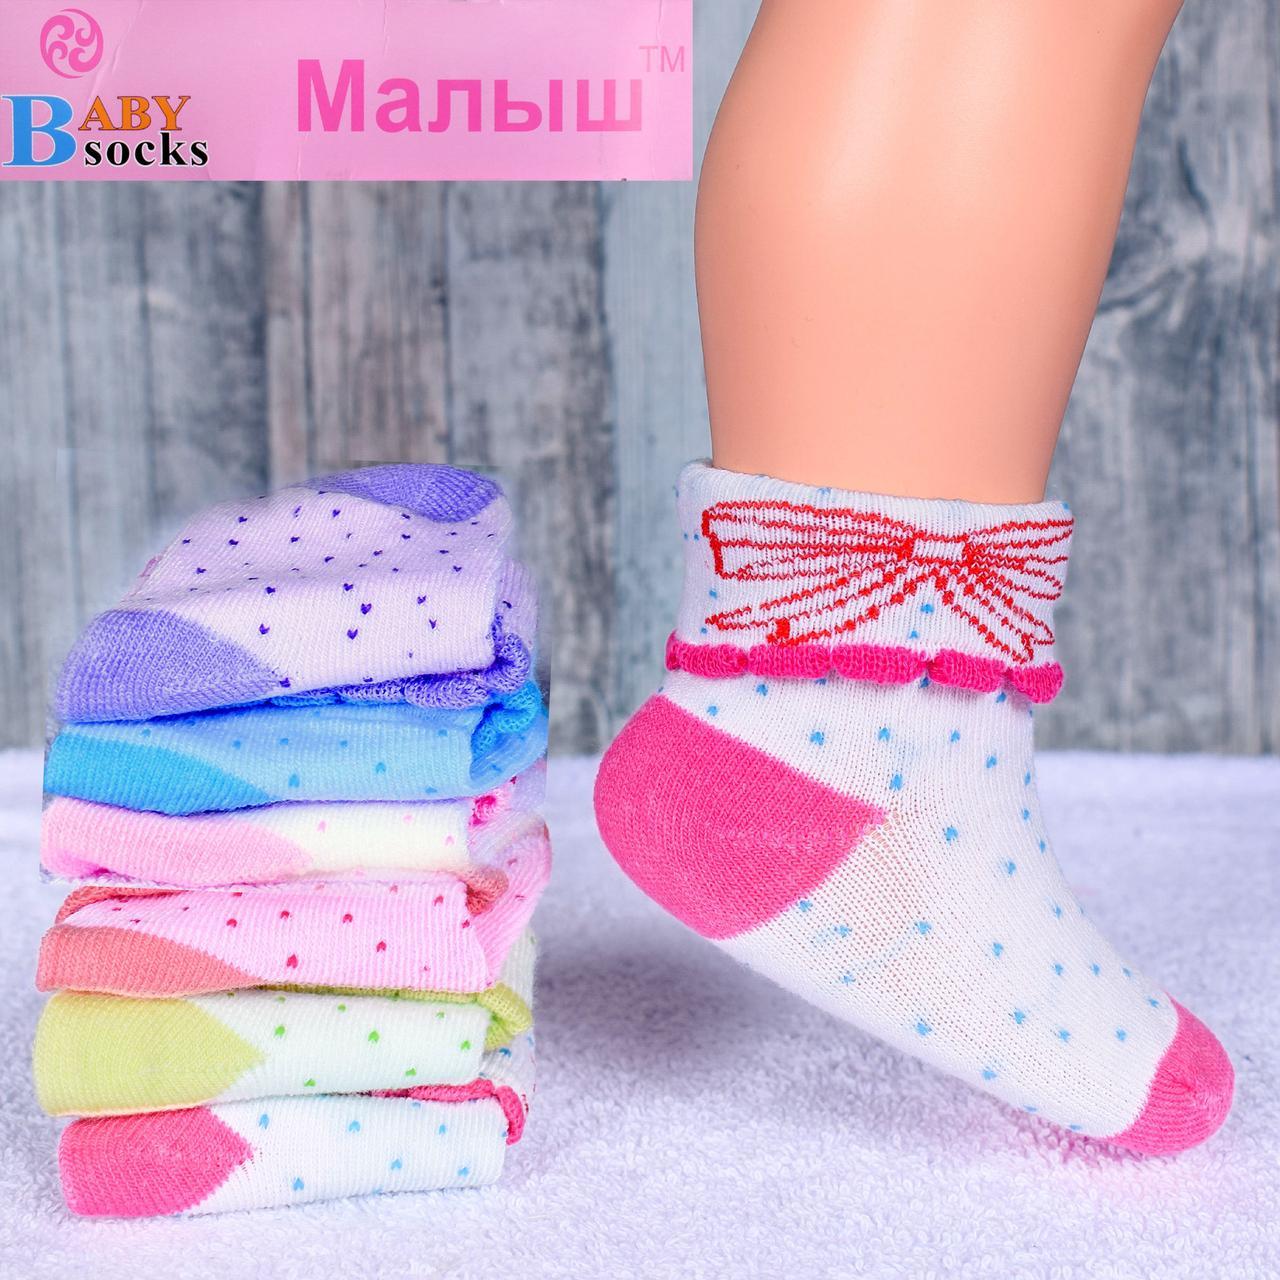 Носочки для новорожденных Малыш СB2013. В упаковке 12 пар